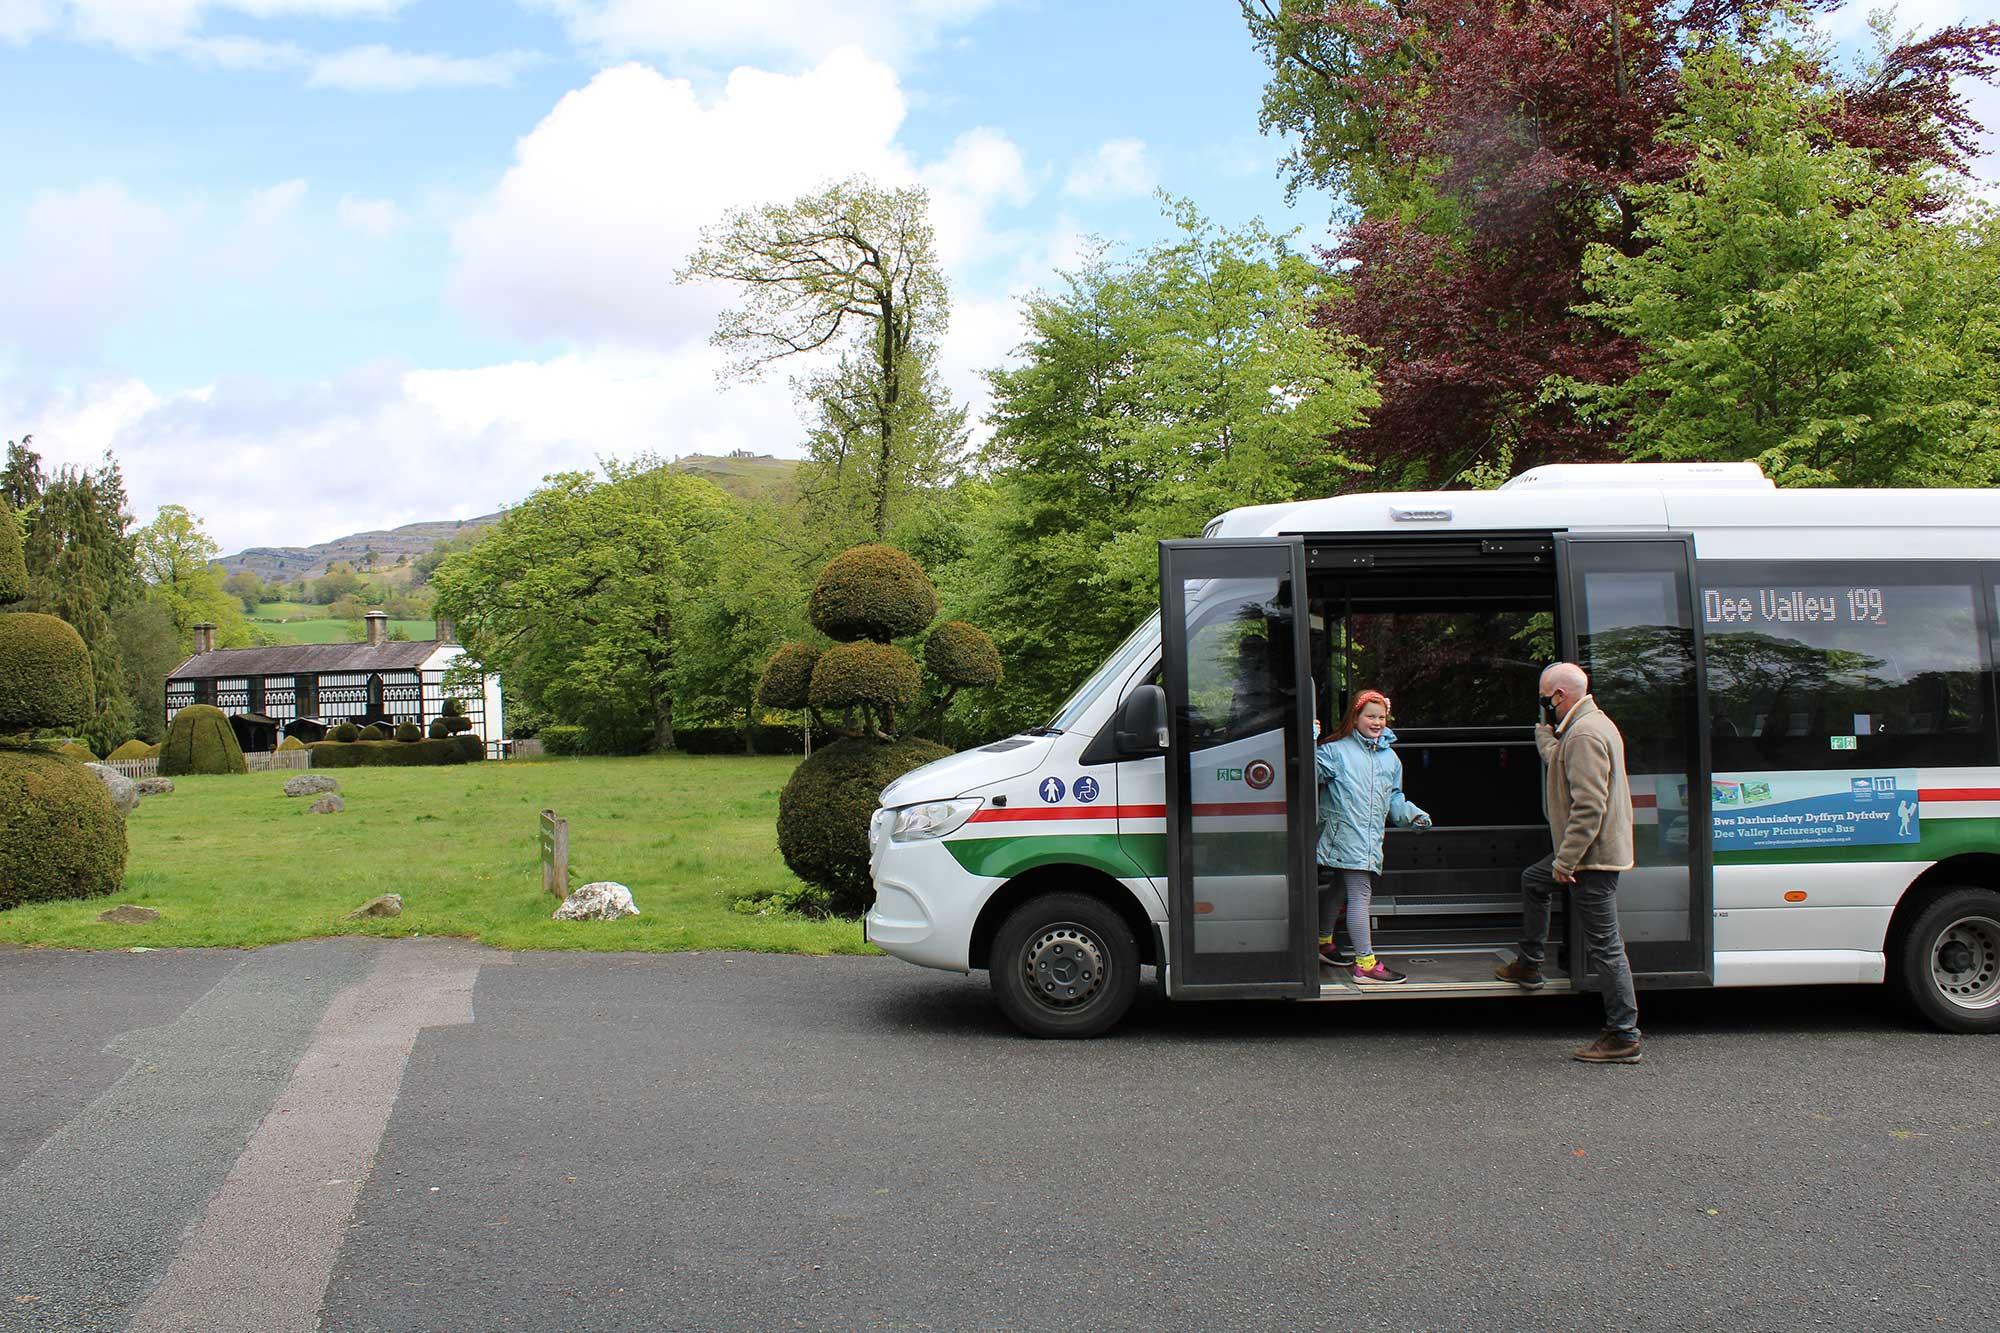 Bws Darluniadwy Dyffryn Dyfrdwy - Dee Valley Picturesque Bus